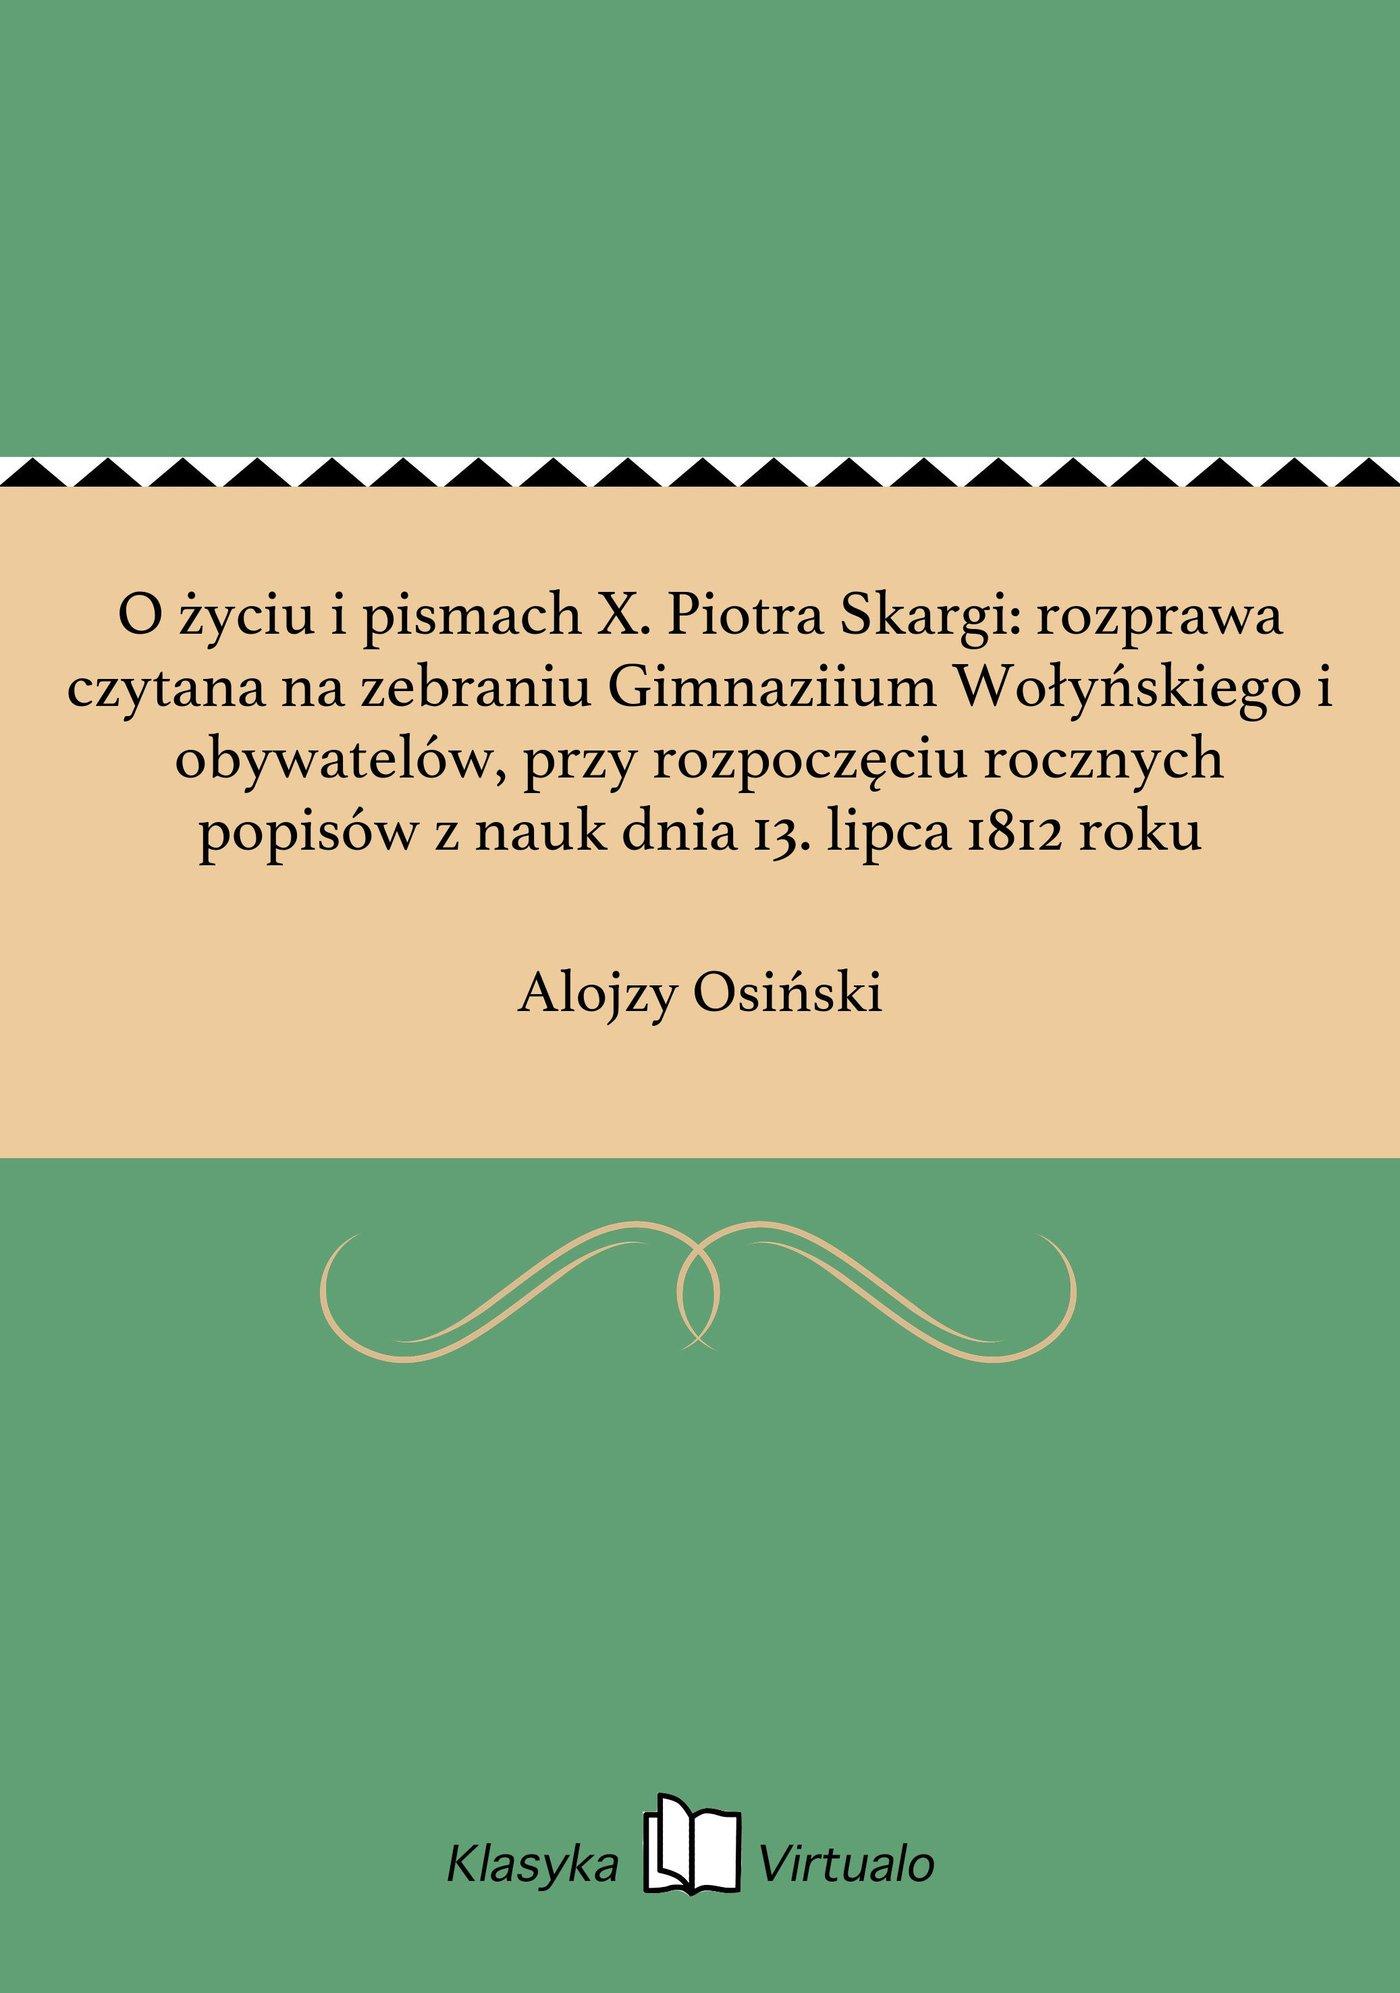 O życiu i pismach X. Piotra Skargi: rozprawa czytana na zebraniu Gimnaziium Wołyńskiego i obywatelów, przy rozpoczęciu rocznych popisów z nauk dnia 13. lipca 1812 roku - Ebook (Książka na Kindle) do pobrania w formacie MOBI